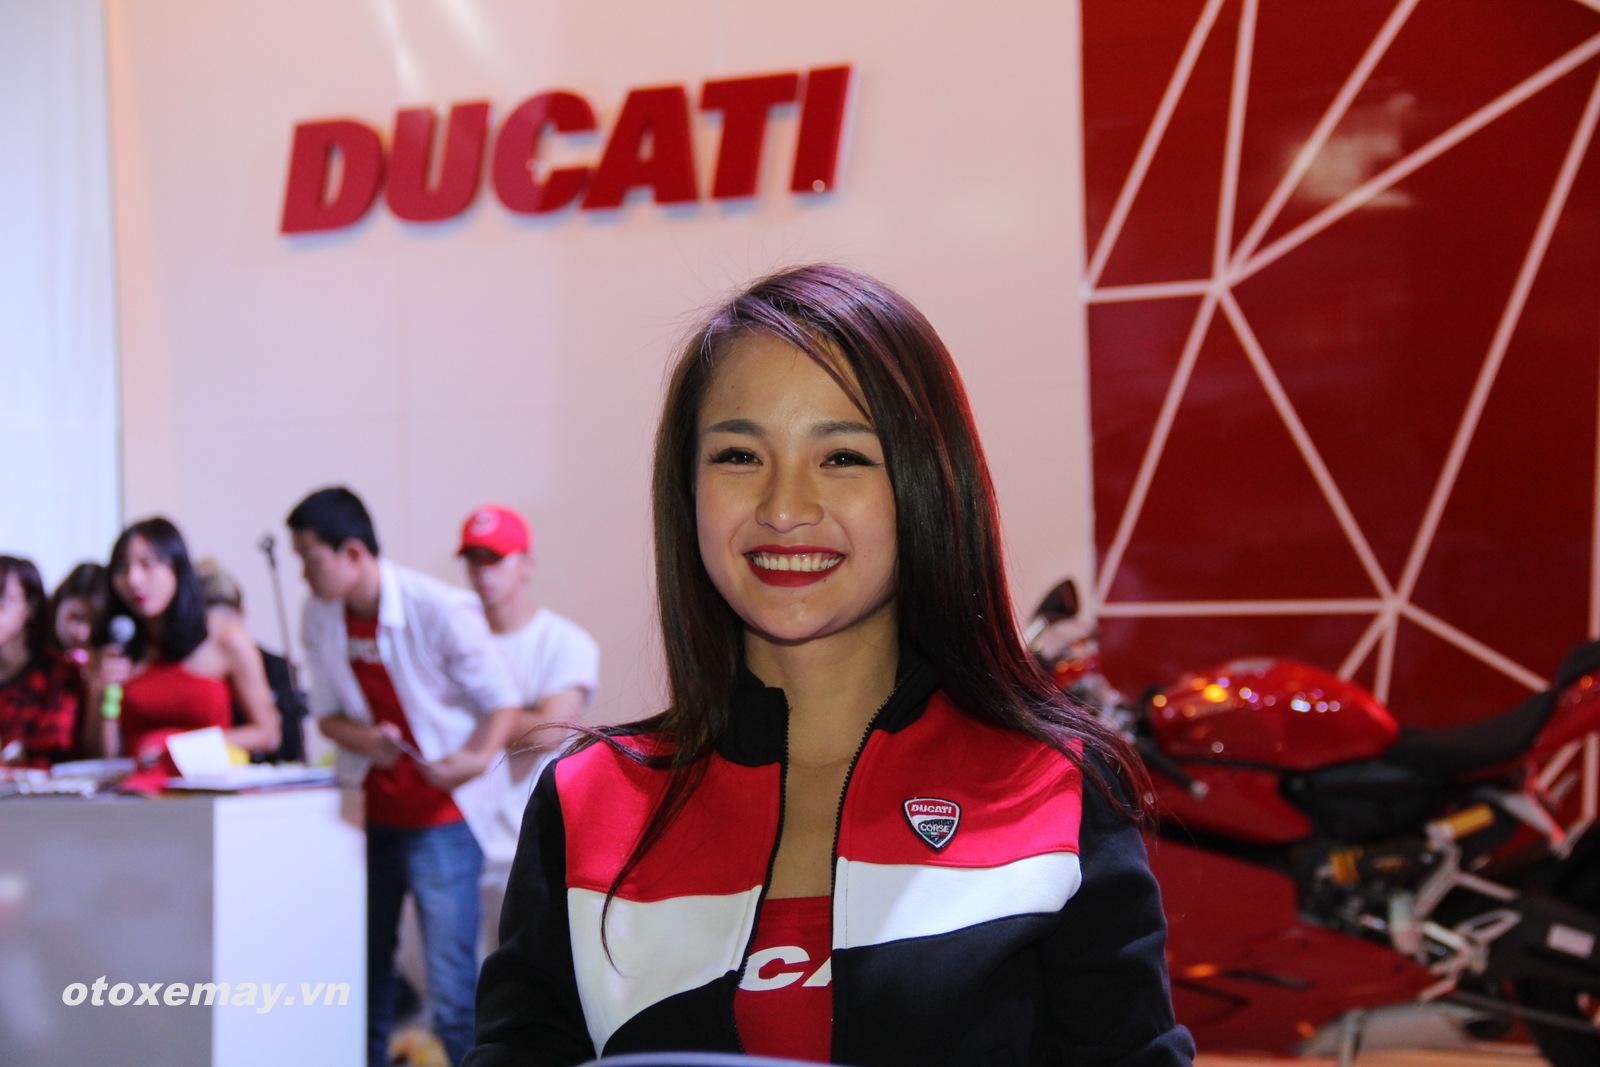 VIMS 2015: D.O.C Miền Bắc chính thức nhập hội Ducatisti thế giới_pic5